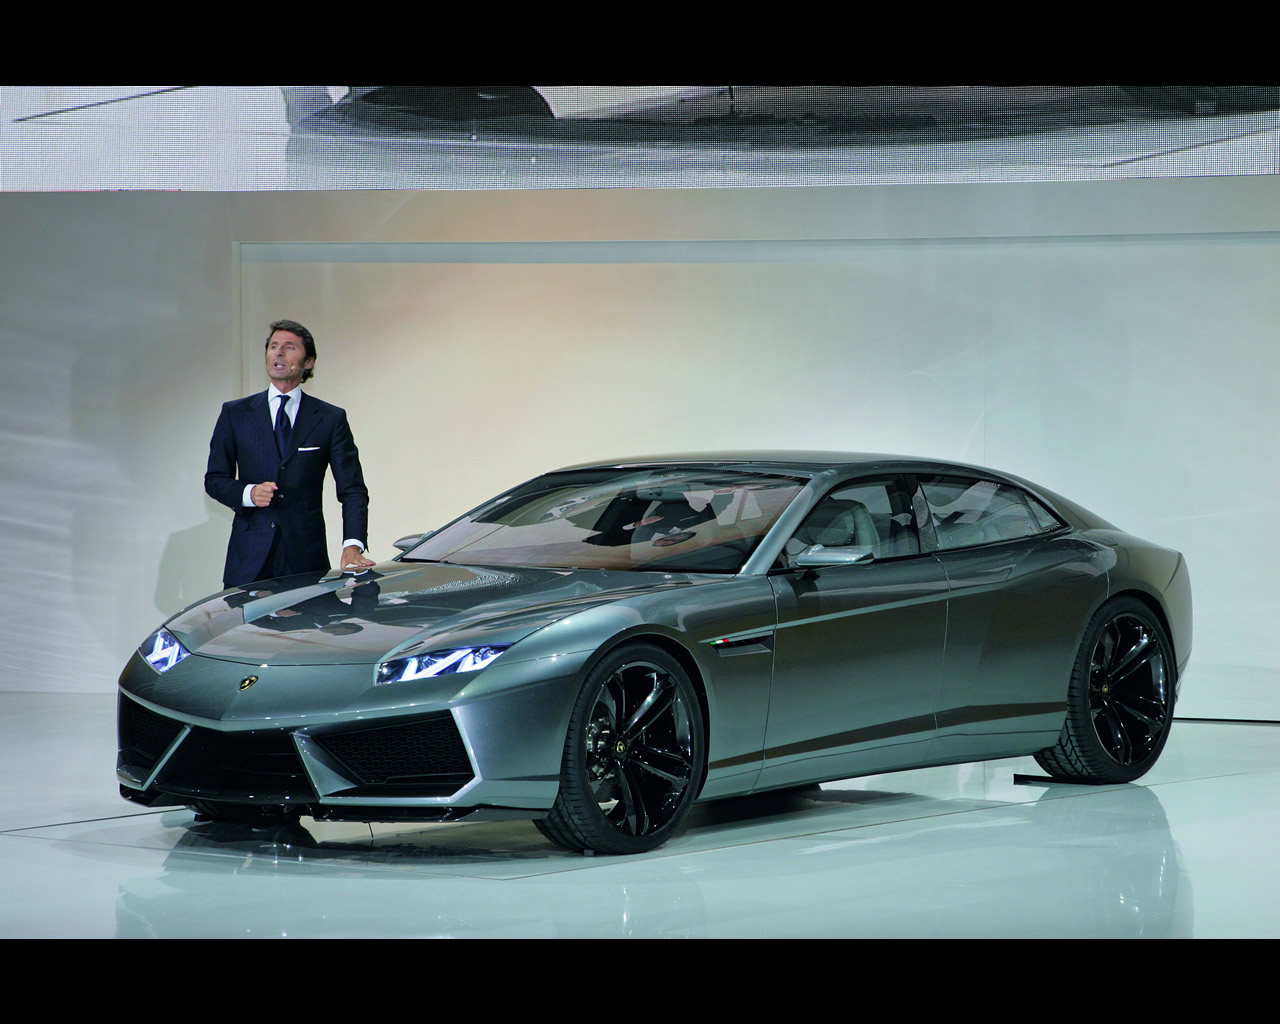 Lamborghini Estoque Sedan Concept 2008